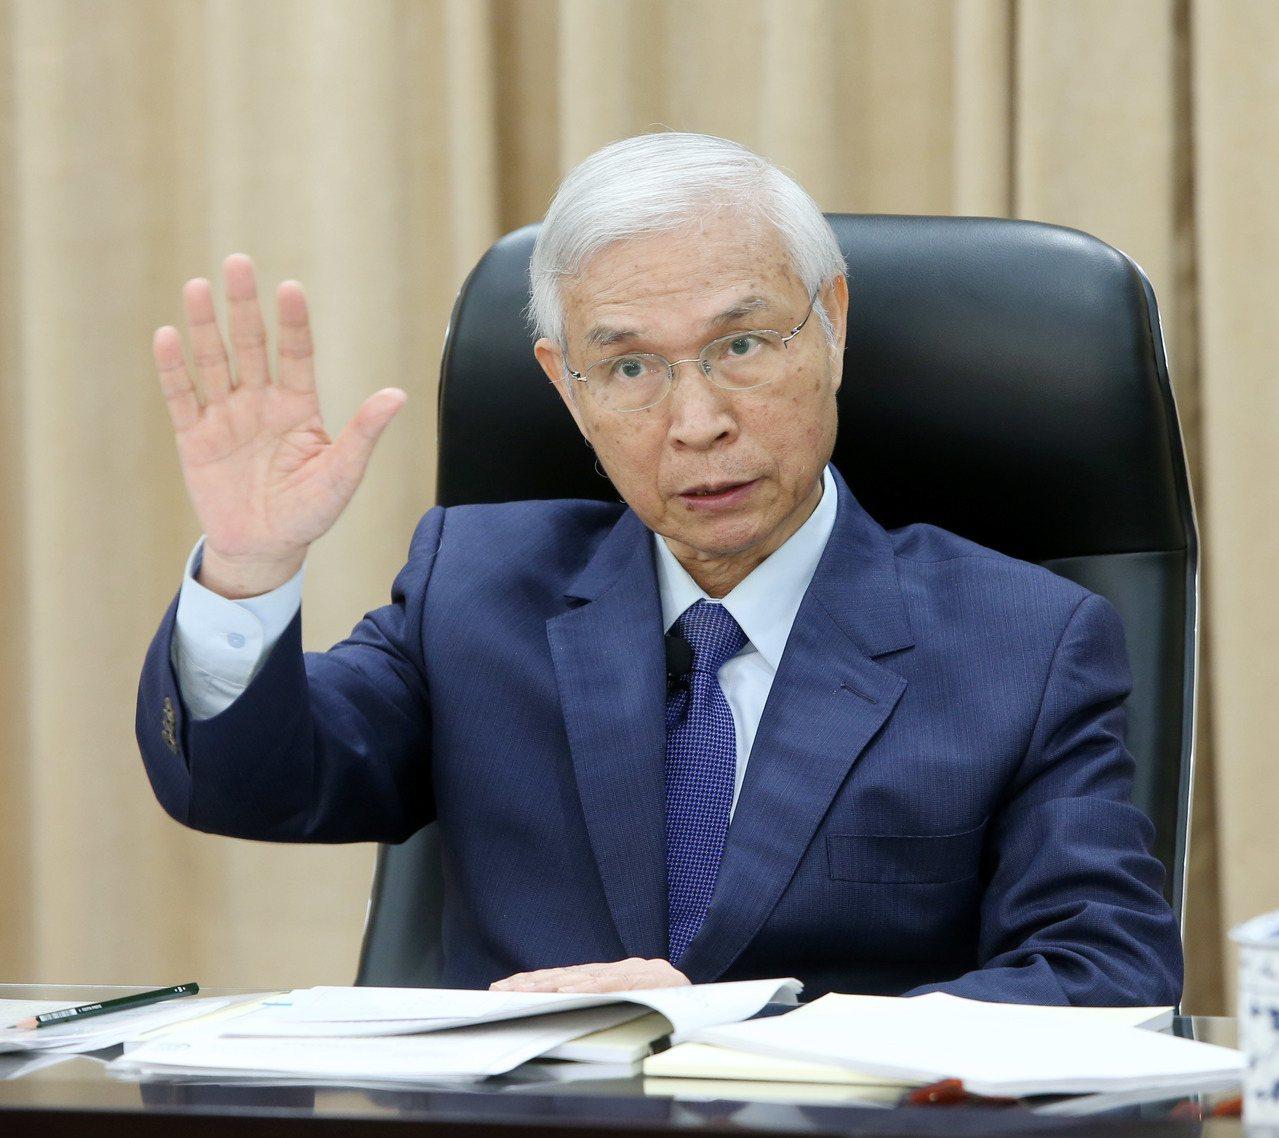 中央銀行總裁楊金龍表示,目前為止不考慮預防性降息來刺激經濟。圖/聯合報系資料照片